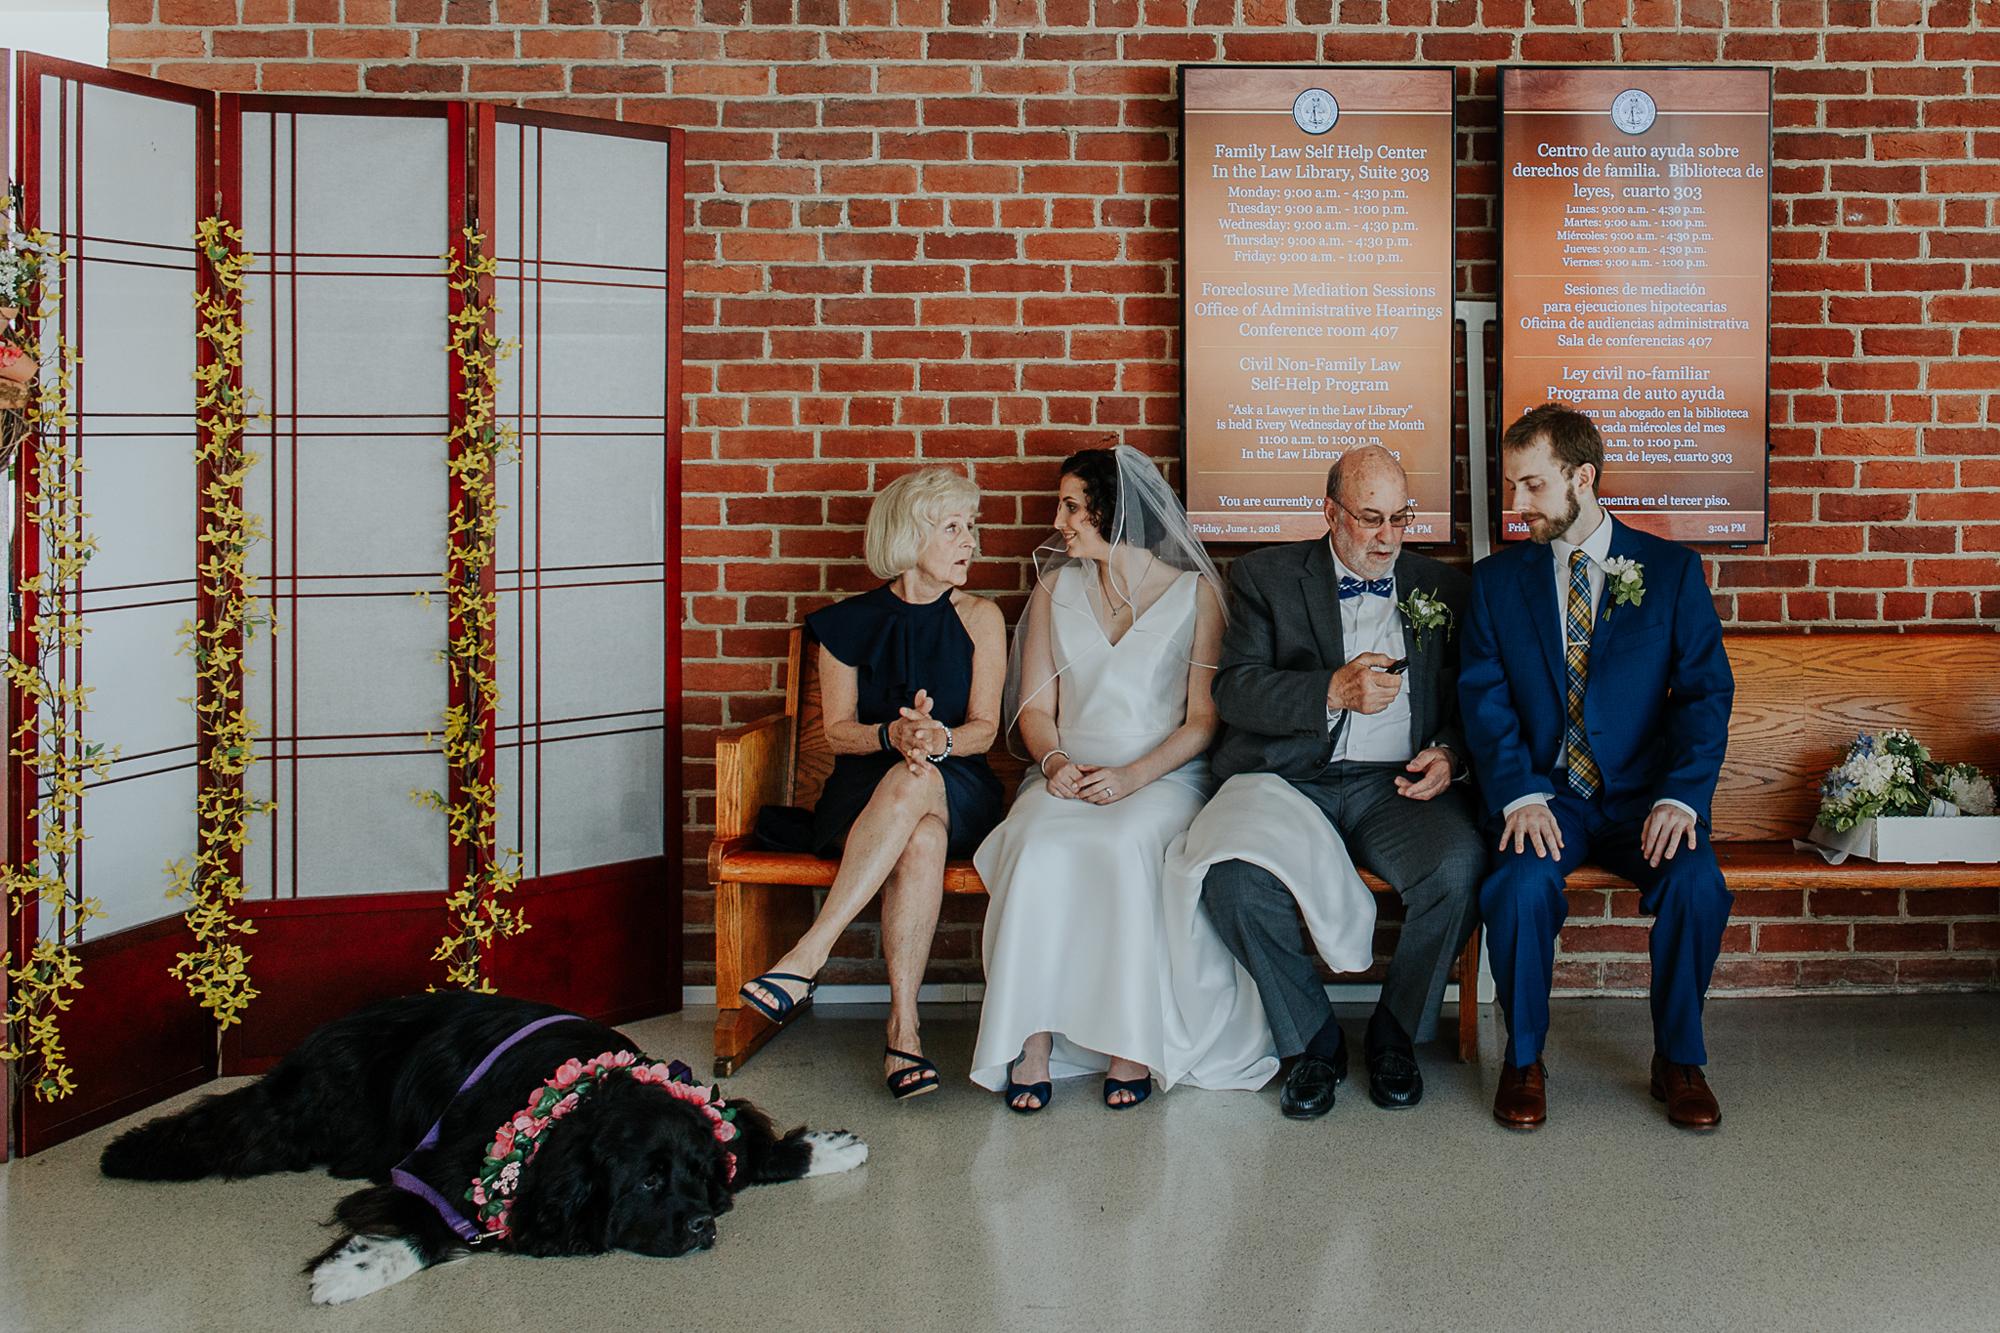 041-annapolis_courthouse_wedding.jpg